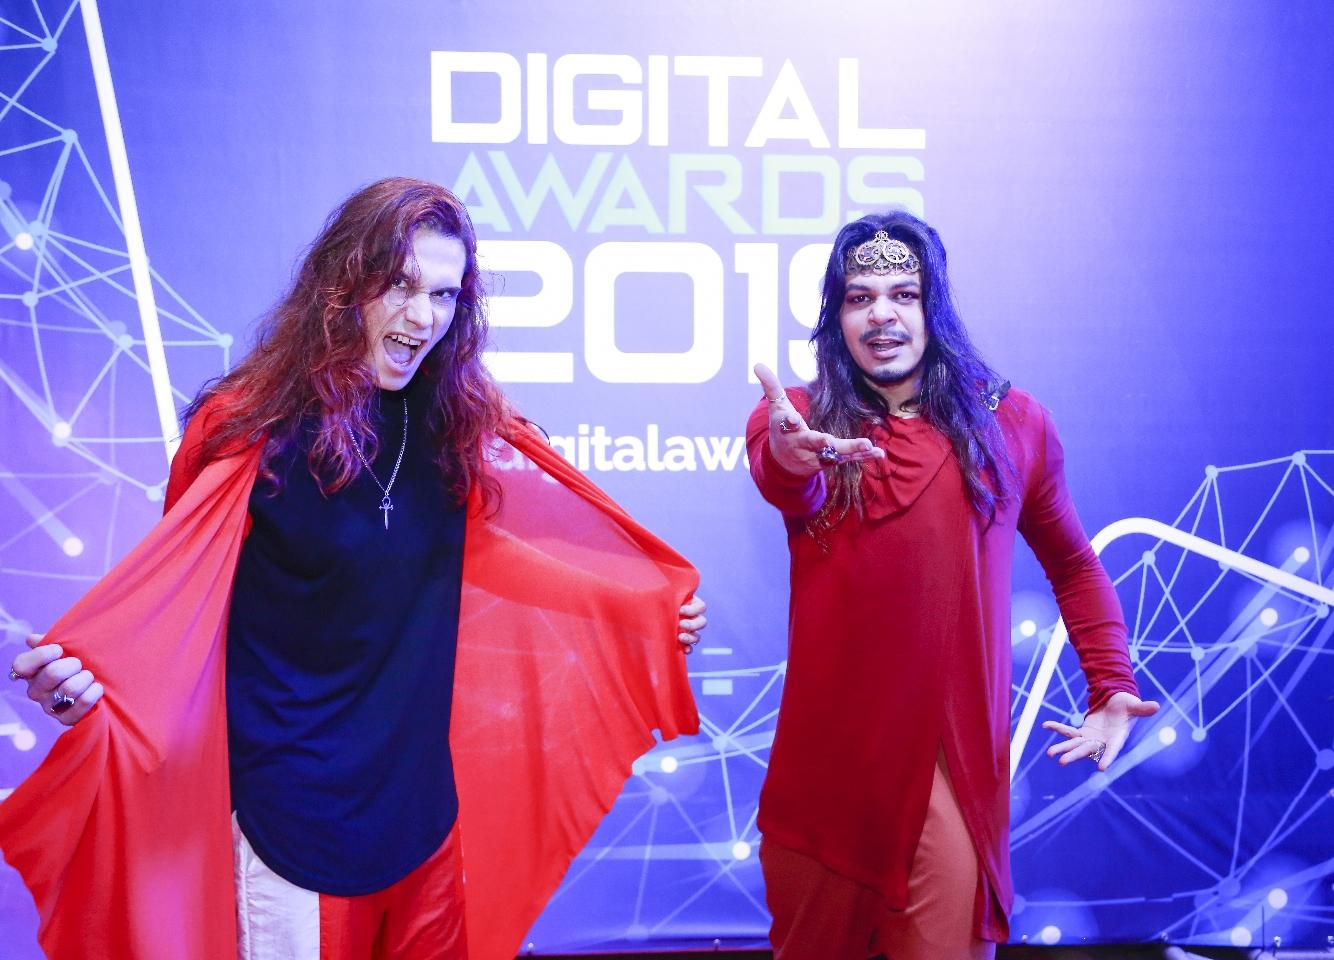 MadHouse surpreende público em abertura do Digital Awards 2019 41